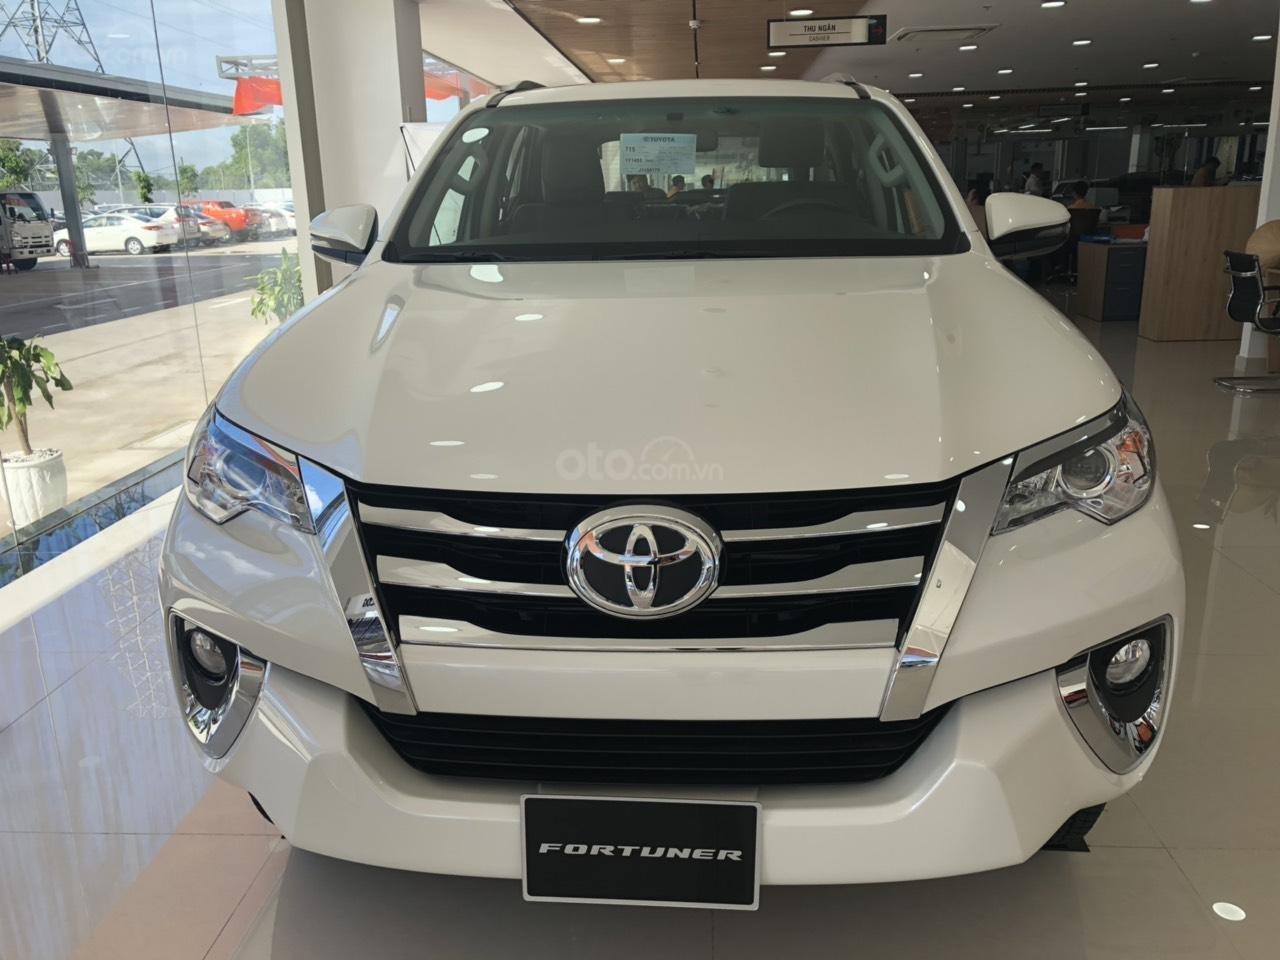 Bán Toyota Fortuner 2.4G số tự động, máy dầu, màu trắng ngọc trai, vay 85%, trả 250tr nhận ngay xe (1)